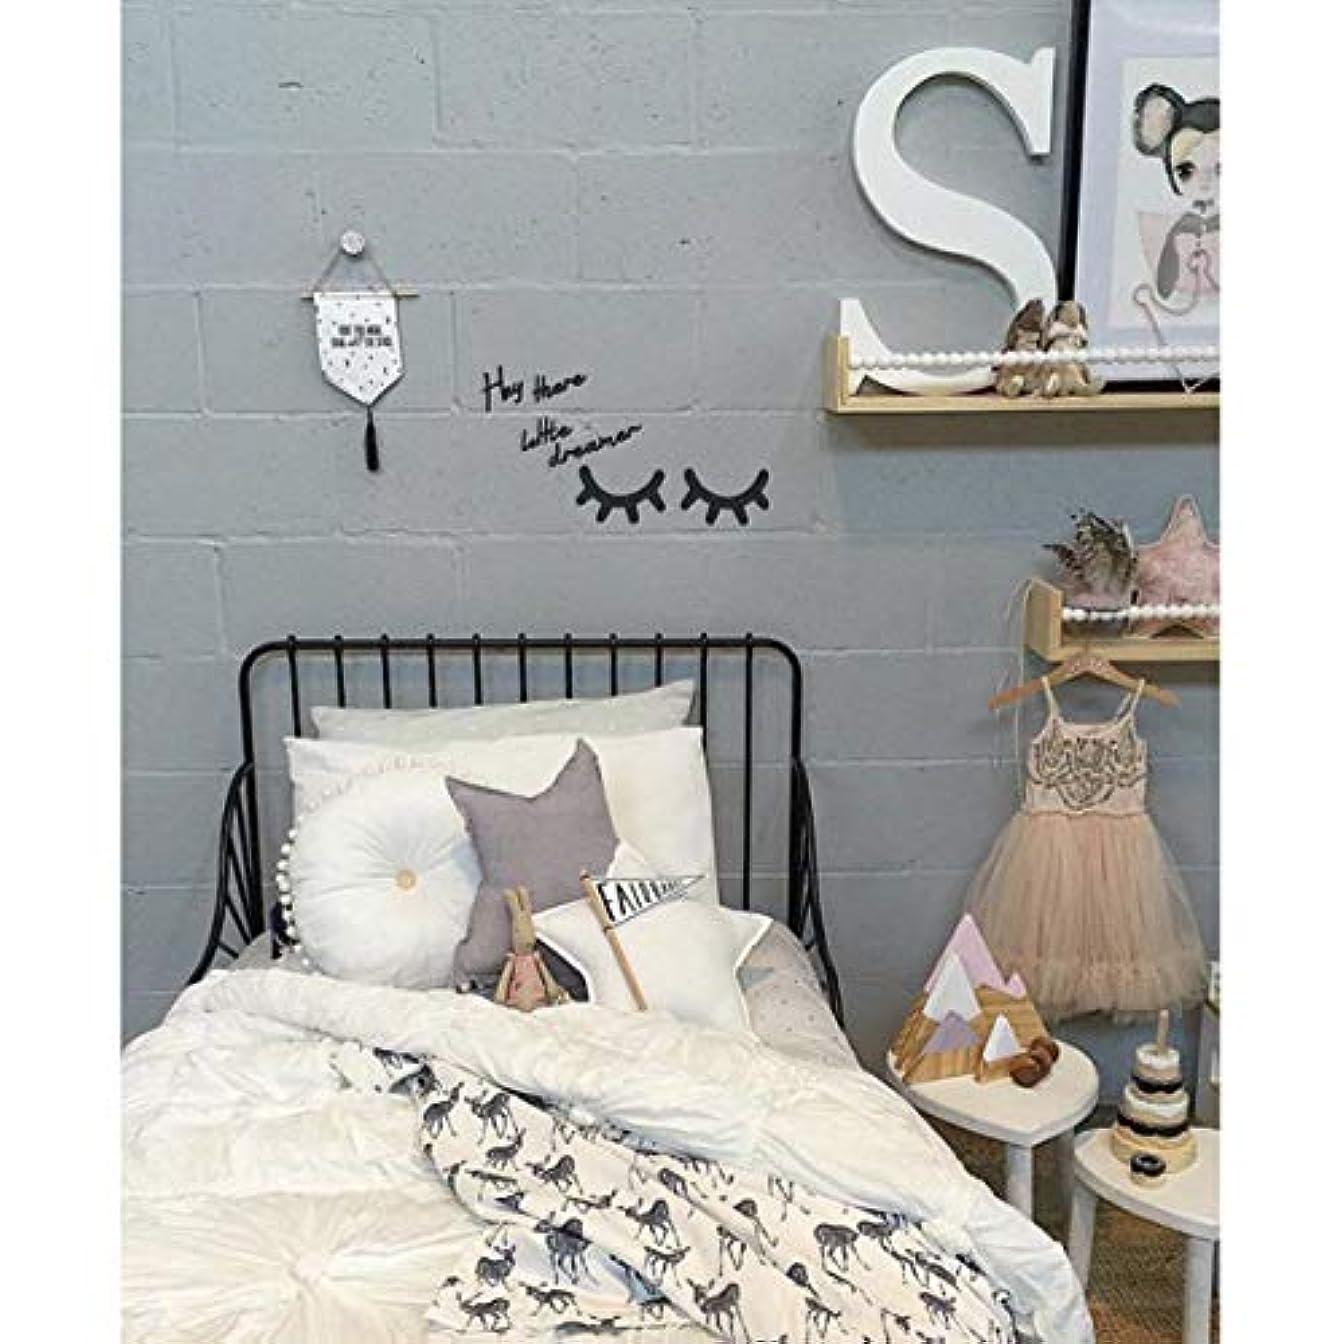 グラフィックシフト対応Vosarea キラキラ木製まつげパターンウォールステッカー用キッズパーティー寝室の背景部屋の装飾diyまつげパターンウォールステッカーブラック